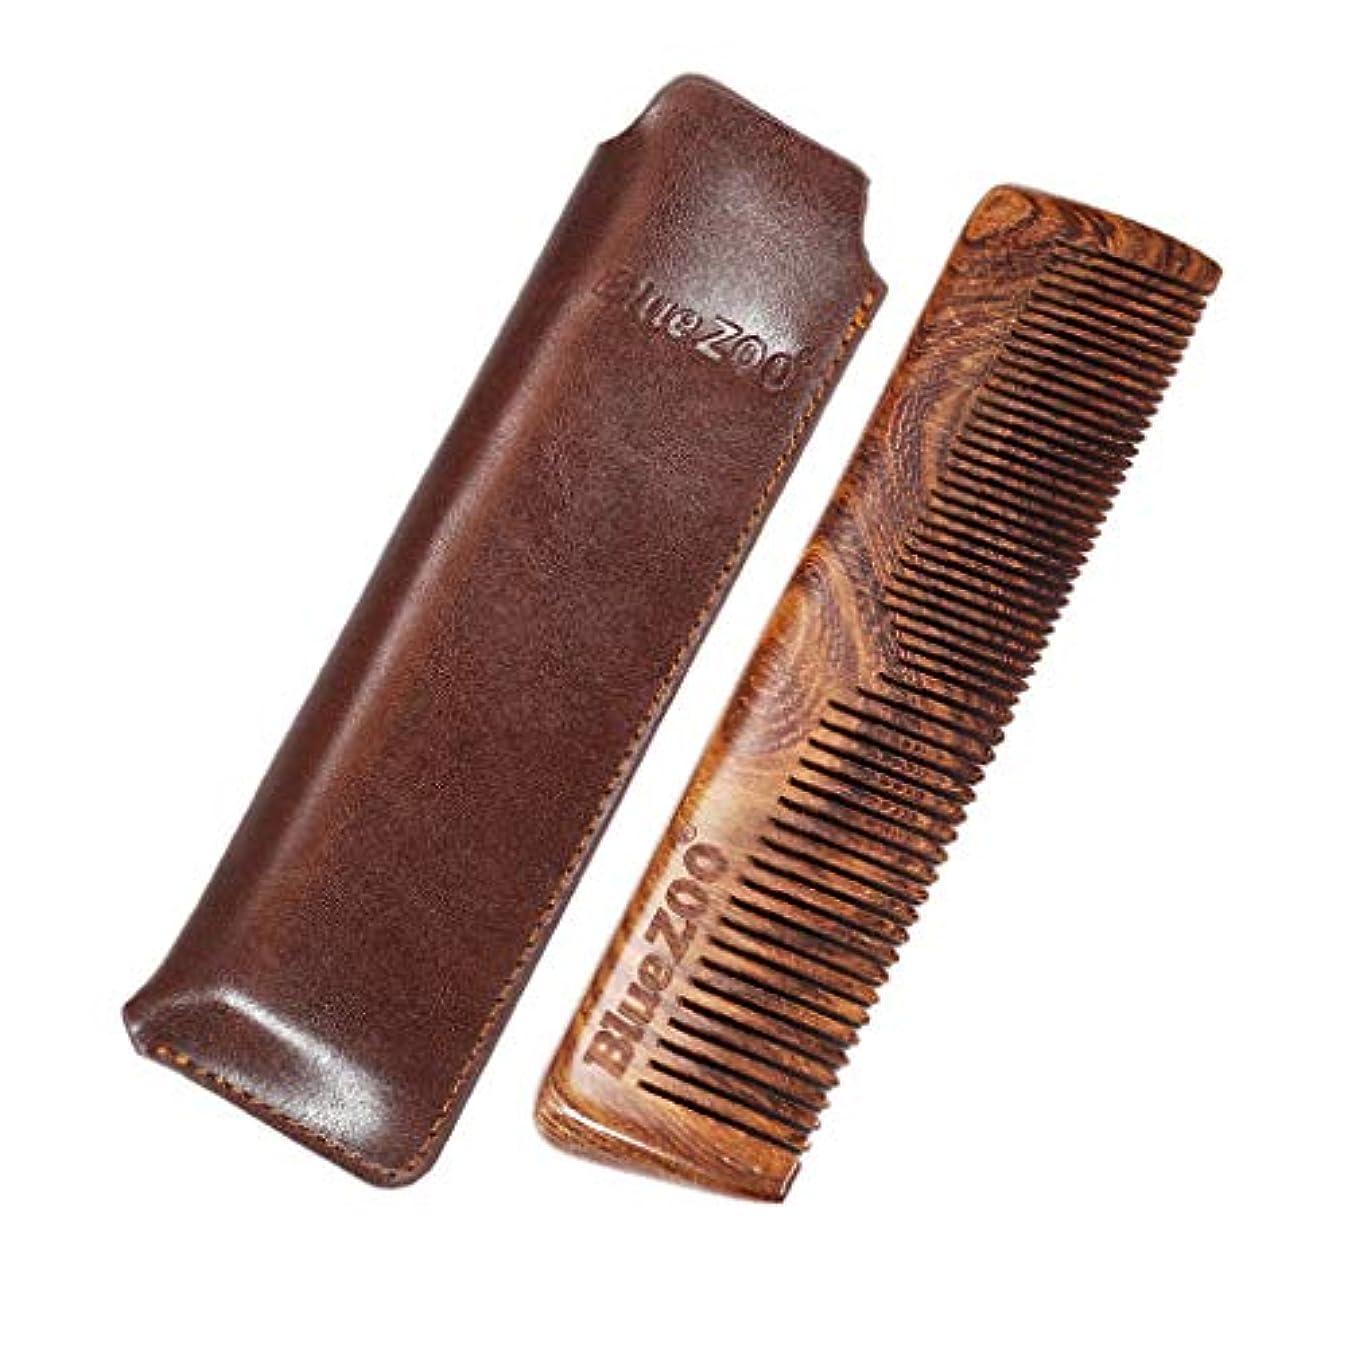 ストリーム話す練習F Fityle 木製 ひげ櫛 PUバッグ 木製櫛 口ひげ ヘアブラシ 2色選べ - 褐色